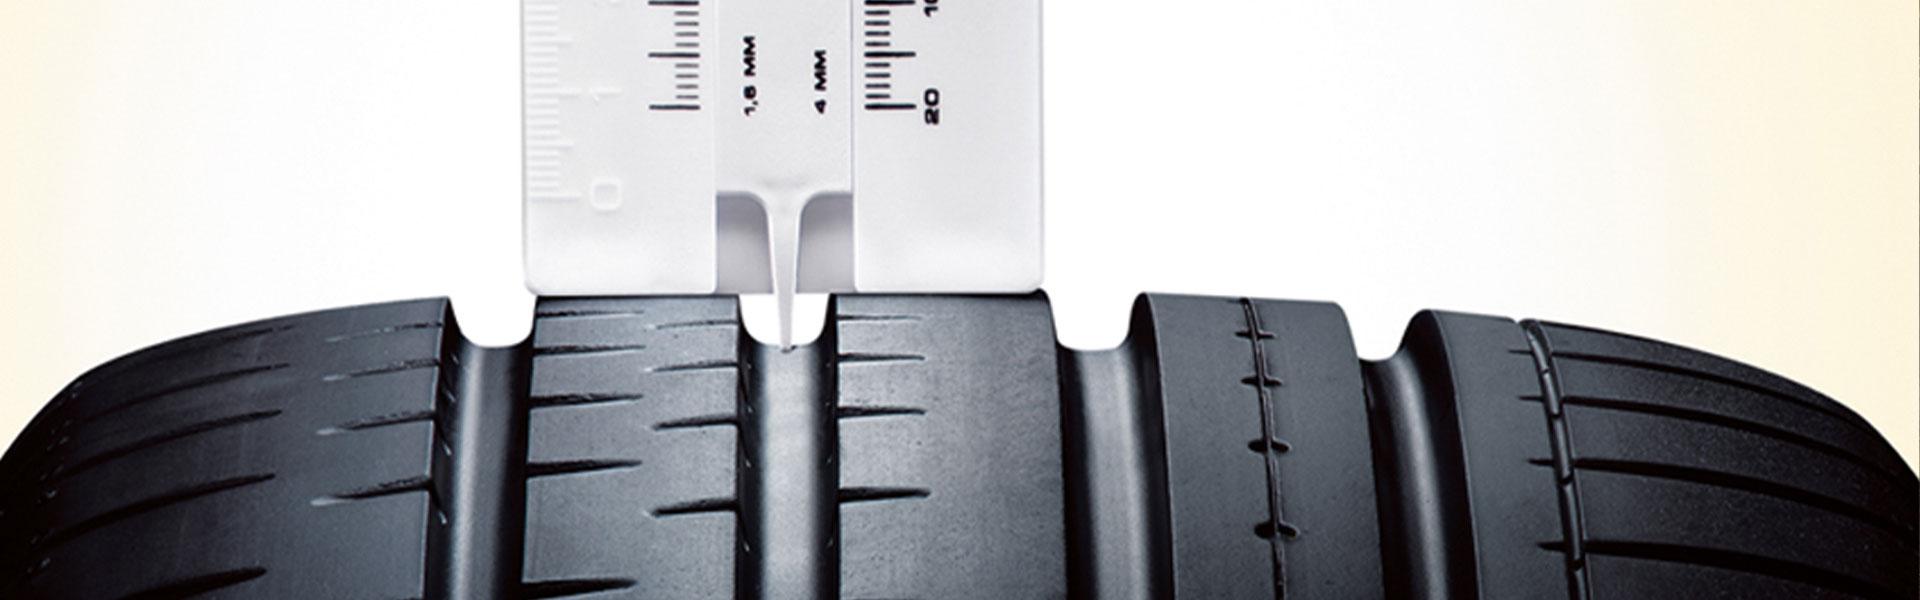 Mercedes-Benz-Mercedes-Brinkmann-Reifenservice-Reifeneinlagerung-Reifenschutz-Reifenwechsel-Profiltiefe-